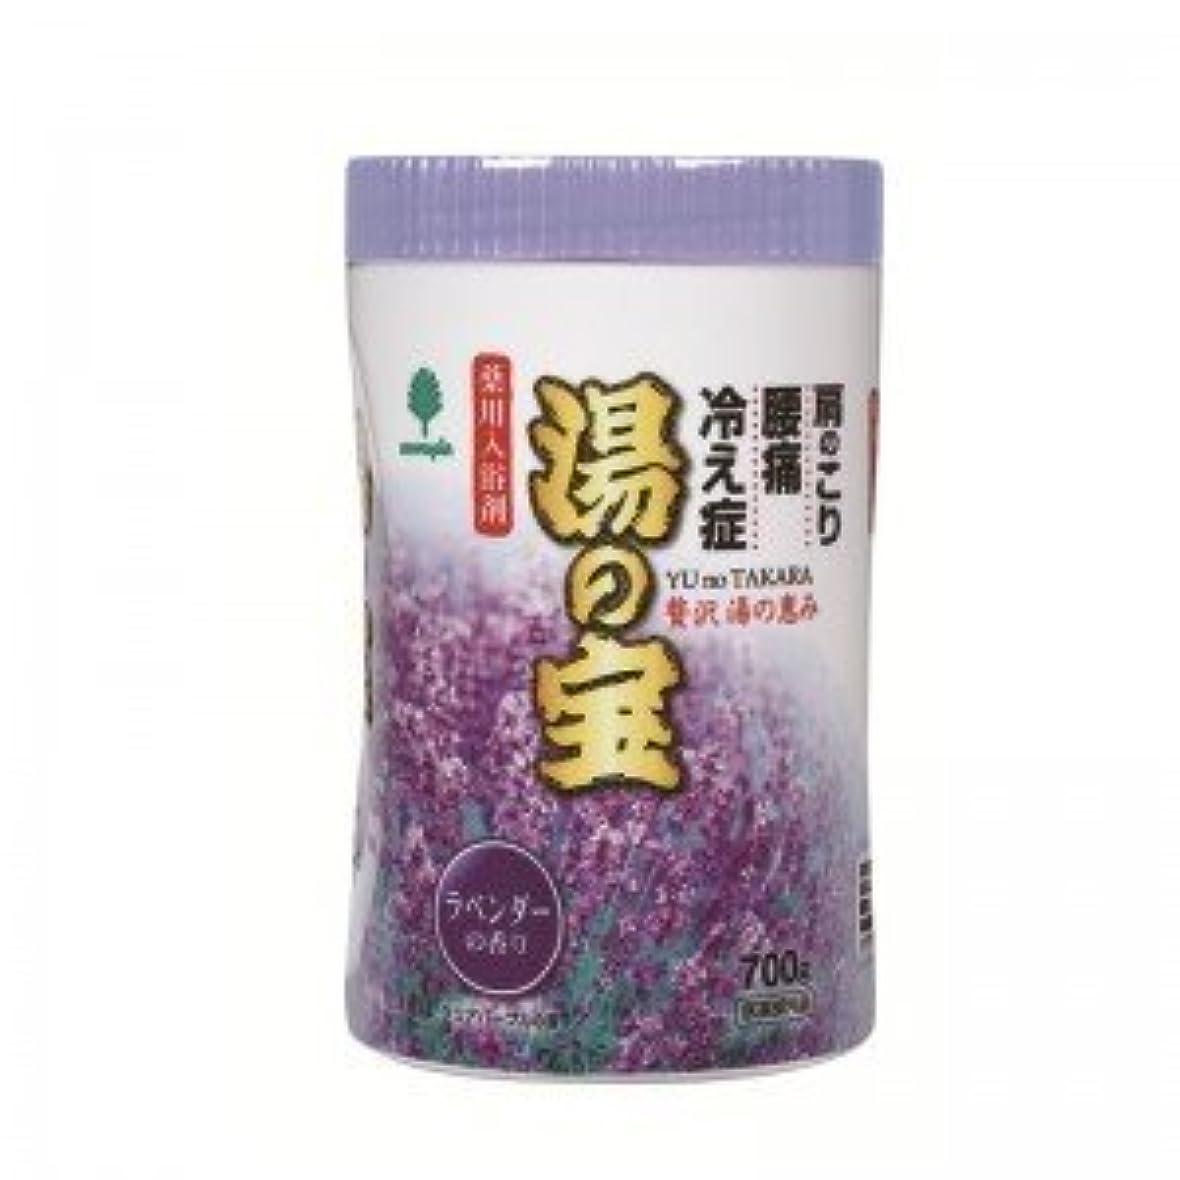 によって標高以降紀陽除虫菊 湯の宝 ラベンダーの香り (丸ボトル) 700g【まとめ買い15個セット】 N-0068